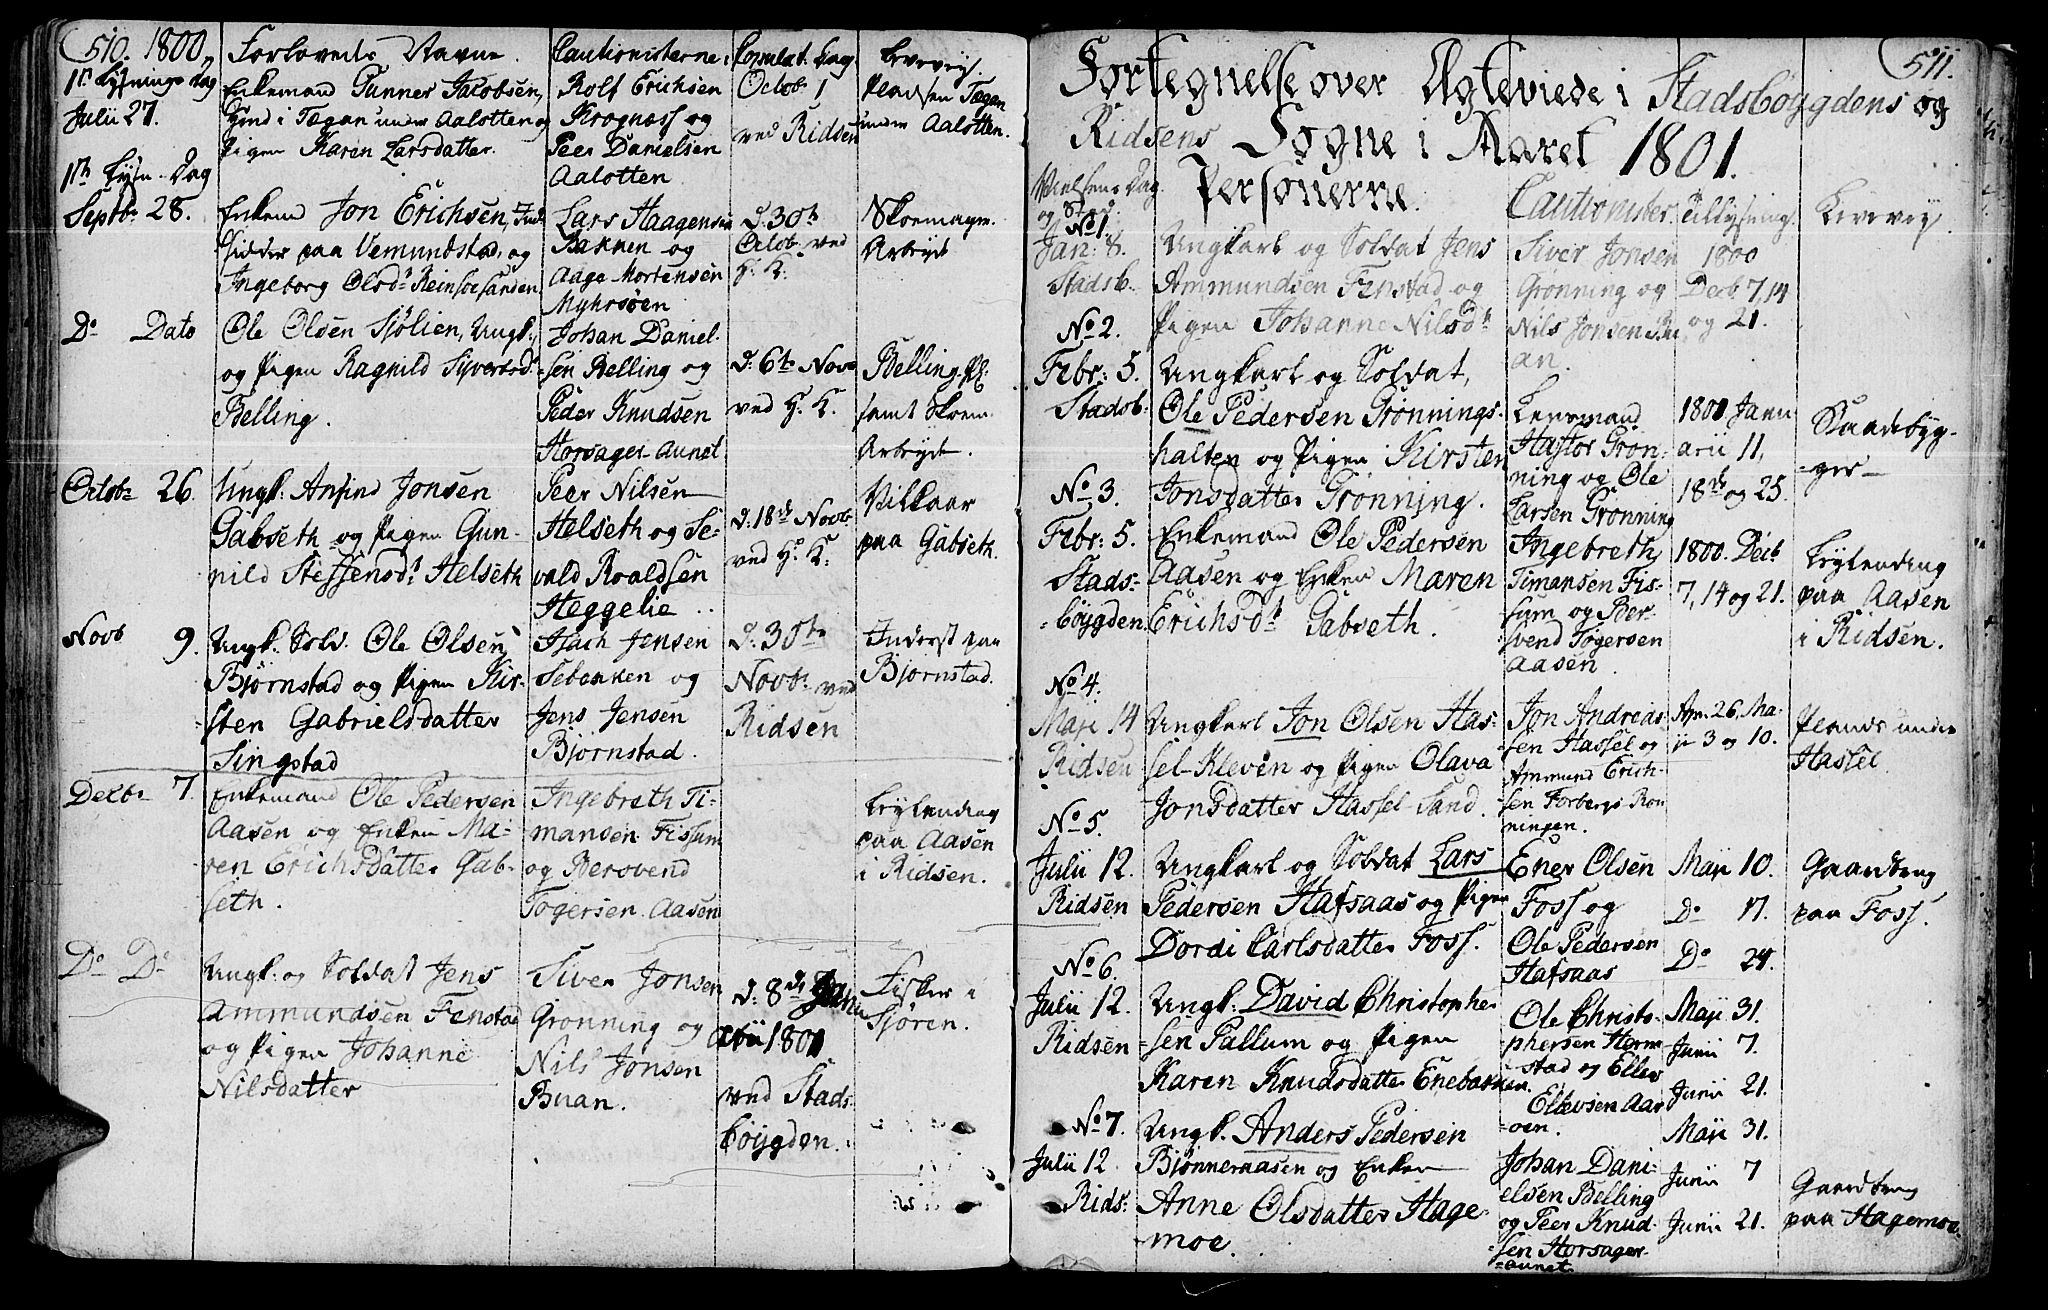 SAT, Ministerialprotokoller, klokkerbøker og fødselsregistre - Sør-Trøndelag, 646/L0606: Ministerialbok nr. 646A04, 1791-1805, s. 510-511